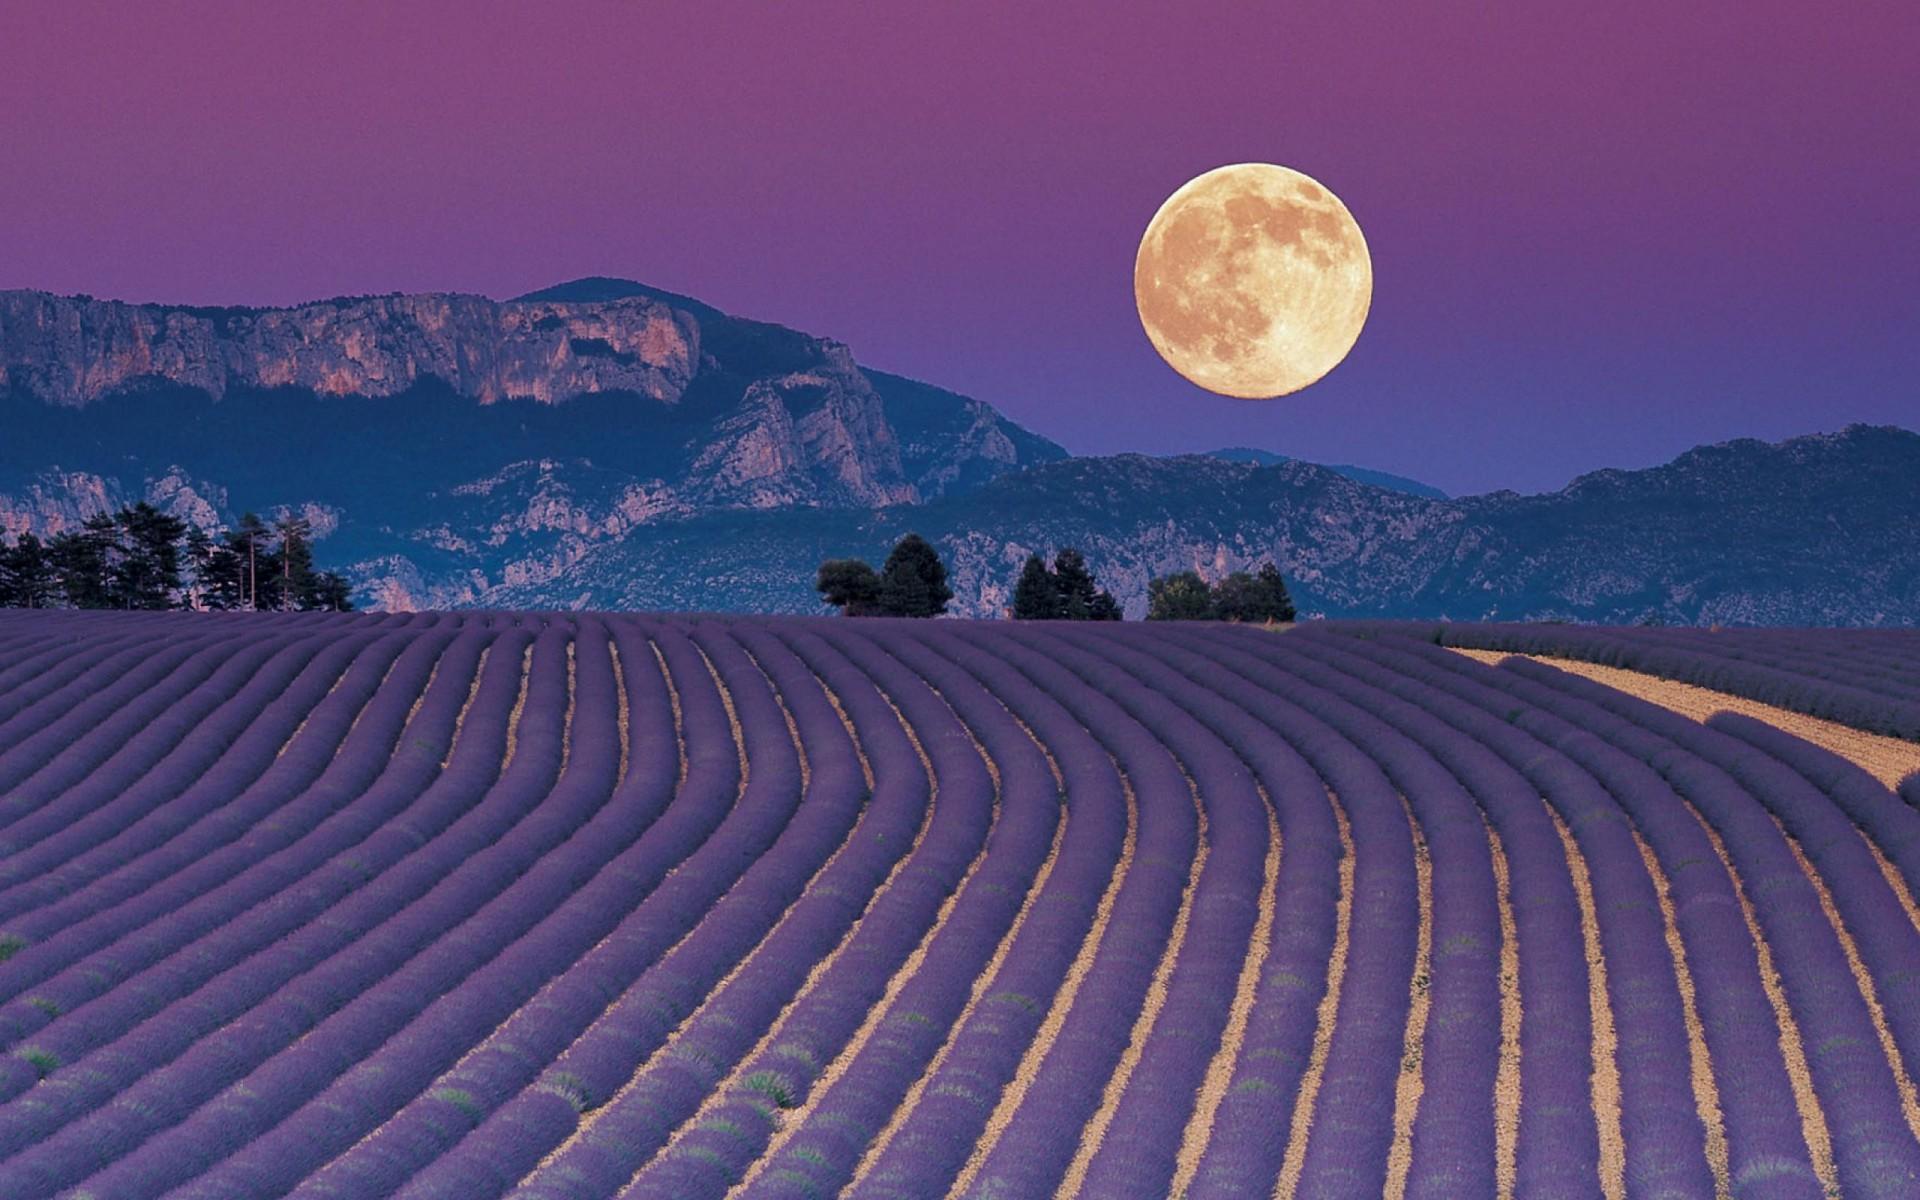 Ảnh mặt trăng trên cánh đồng hoa oải hương